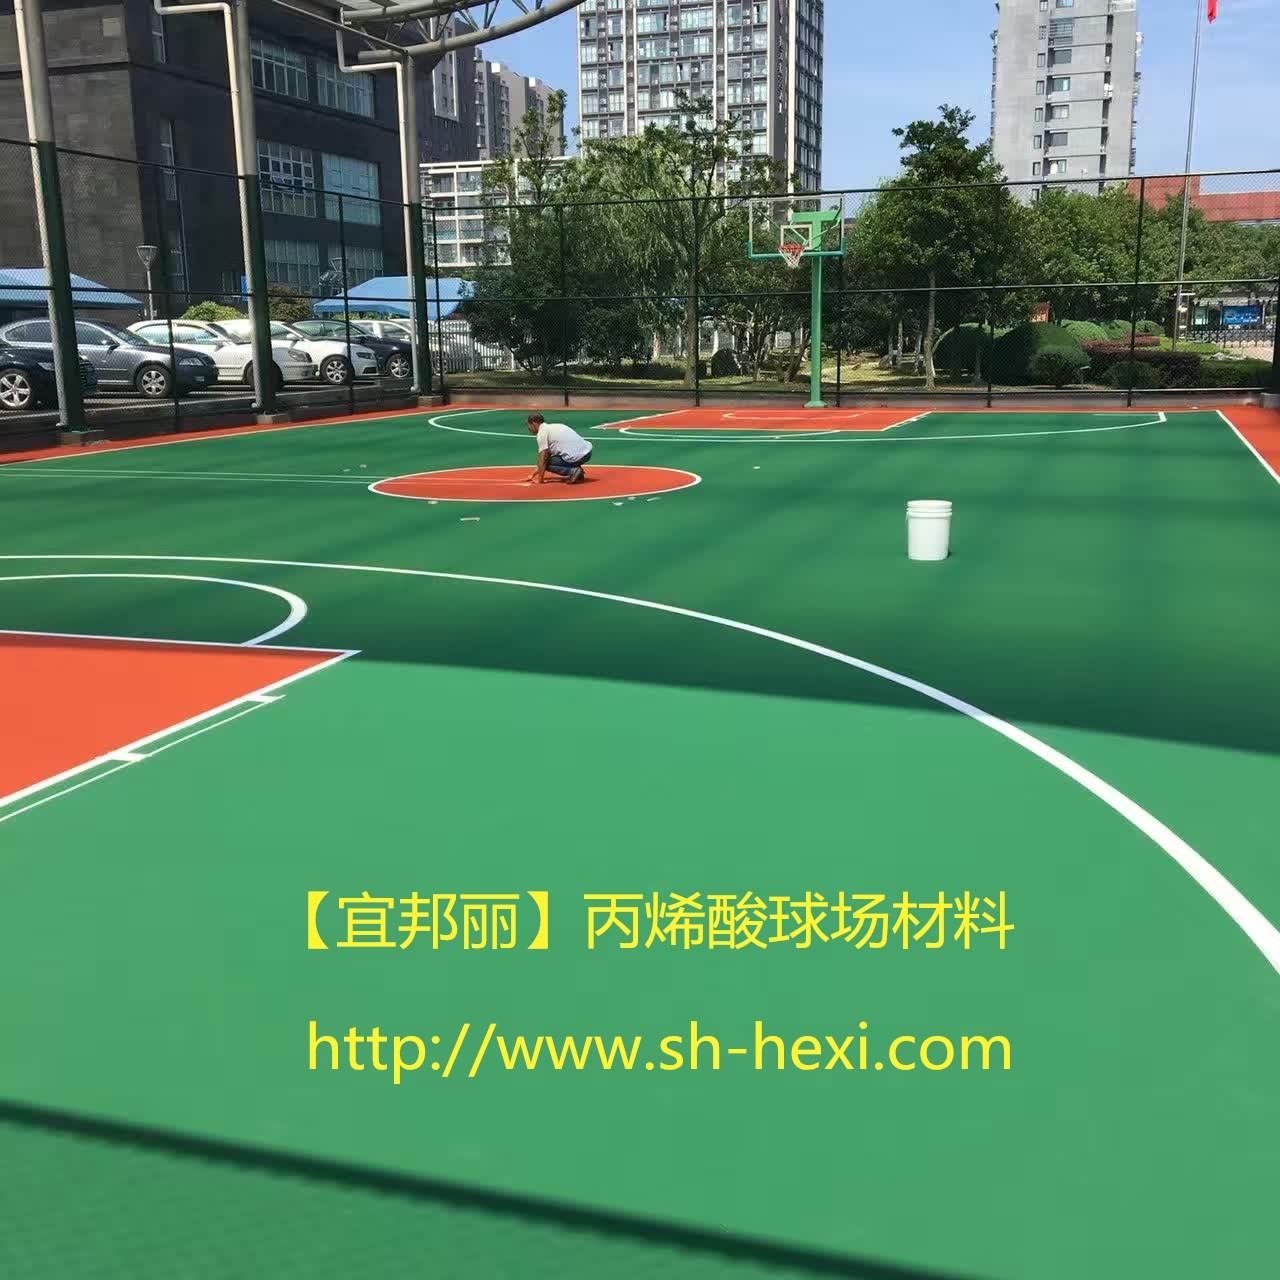 上海丙烯酸球场材料